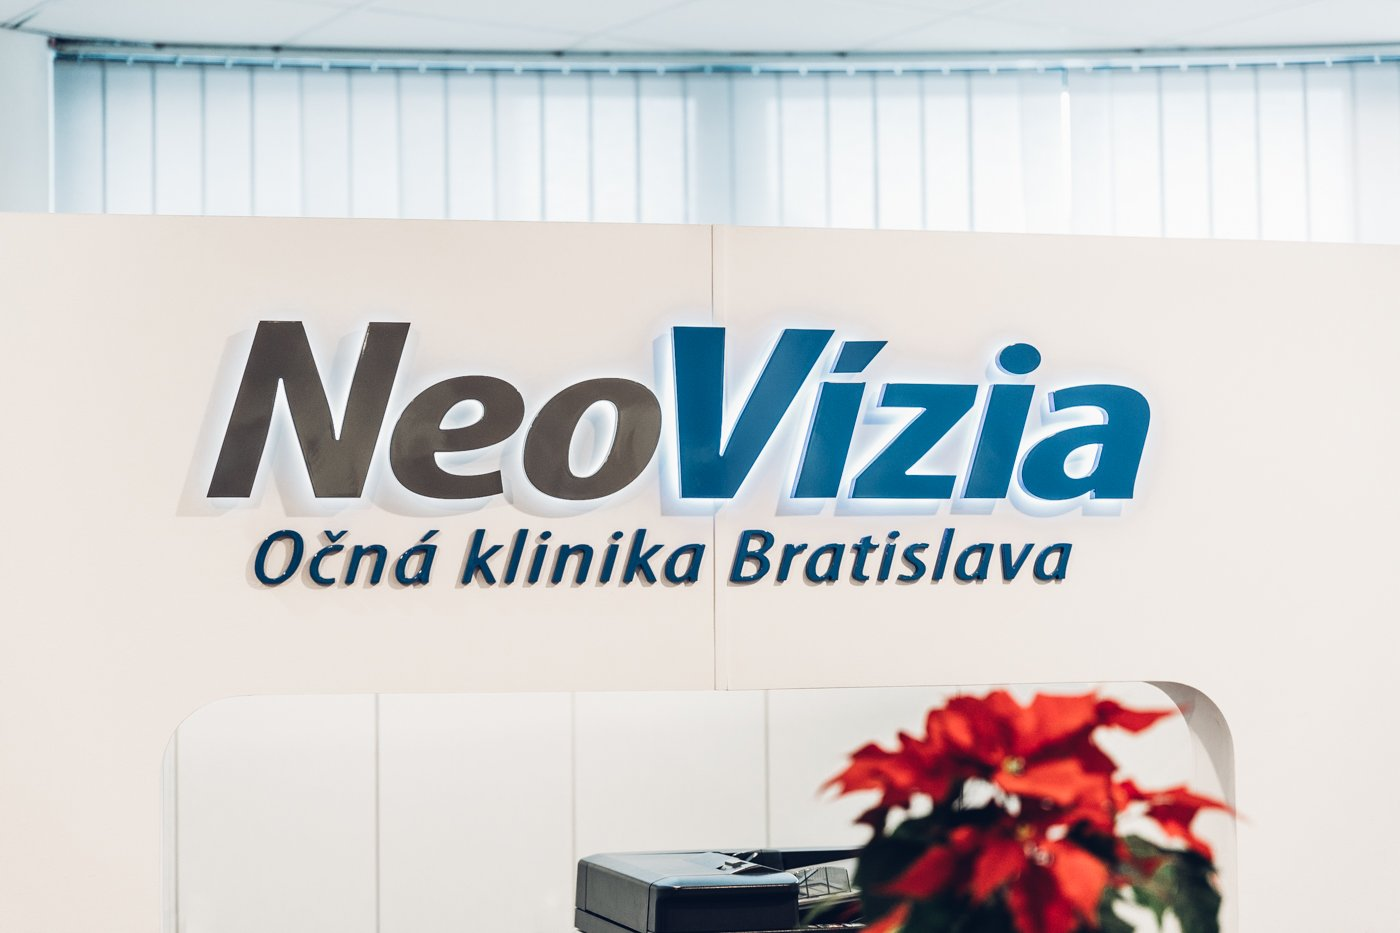 Neovizia eye Clinic Bratislava